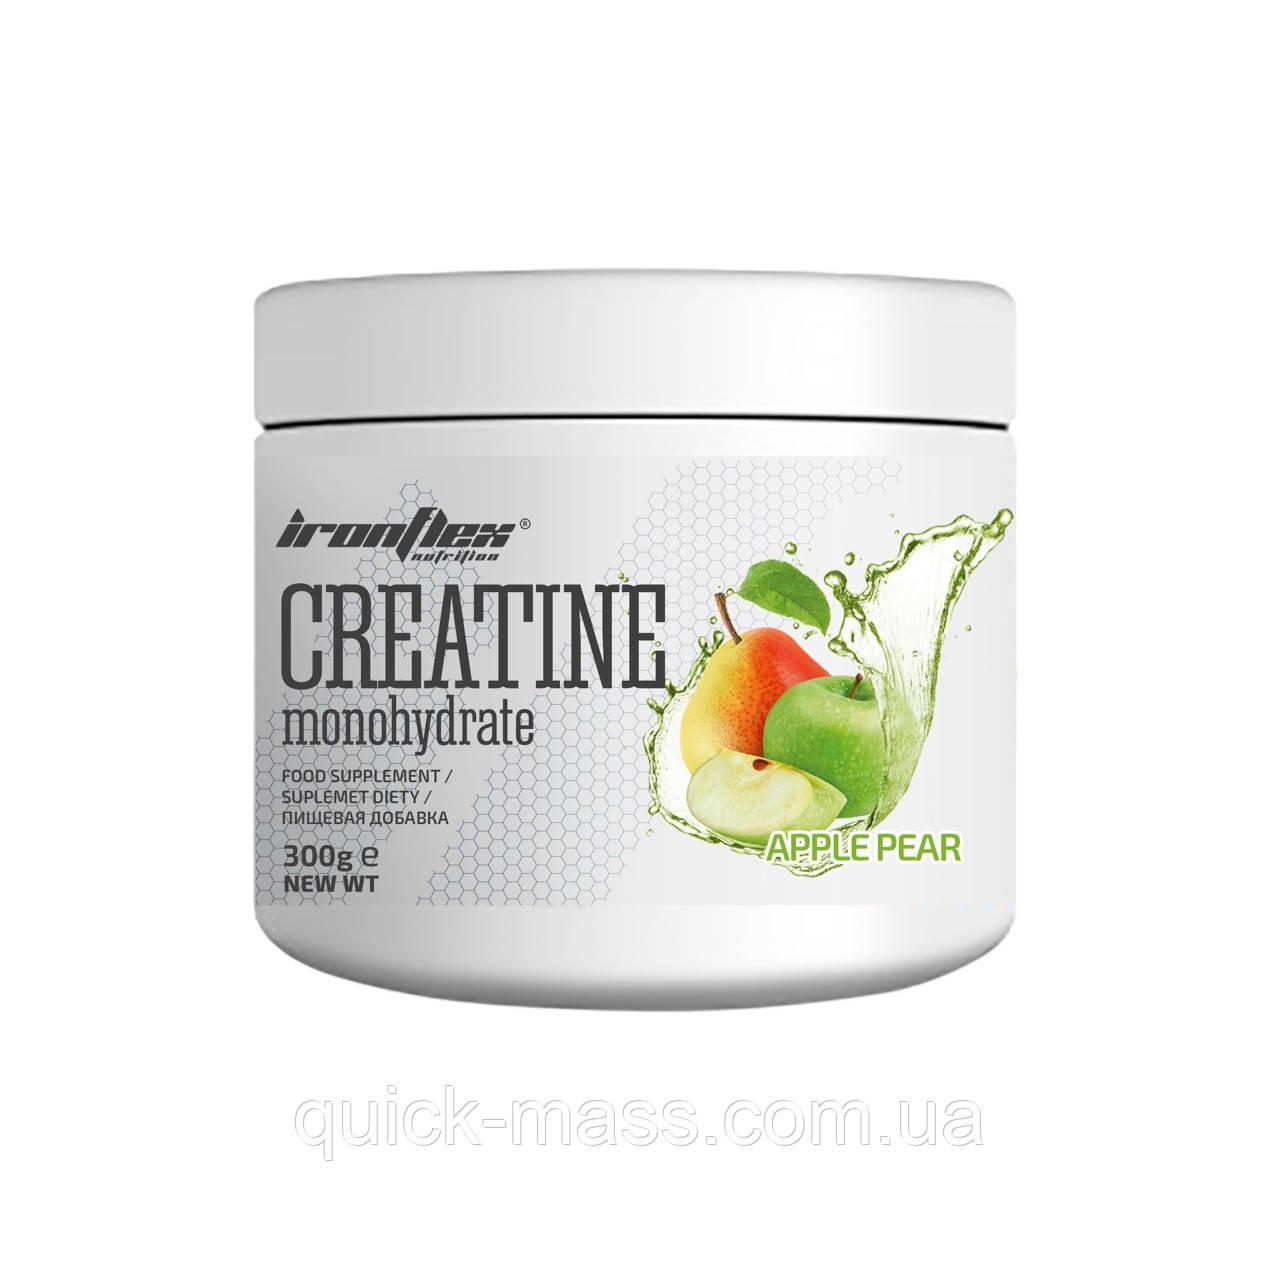 Креатин IronFlex Creatine Monohydrate 300g